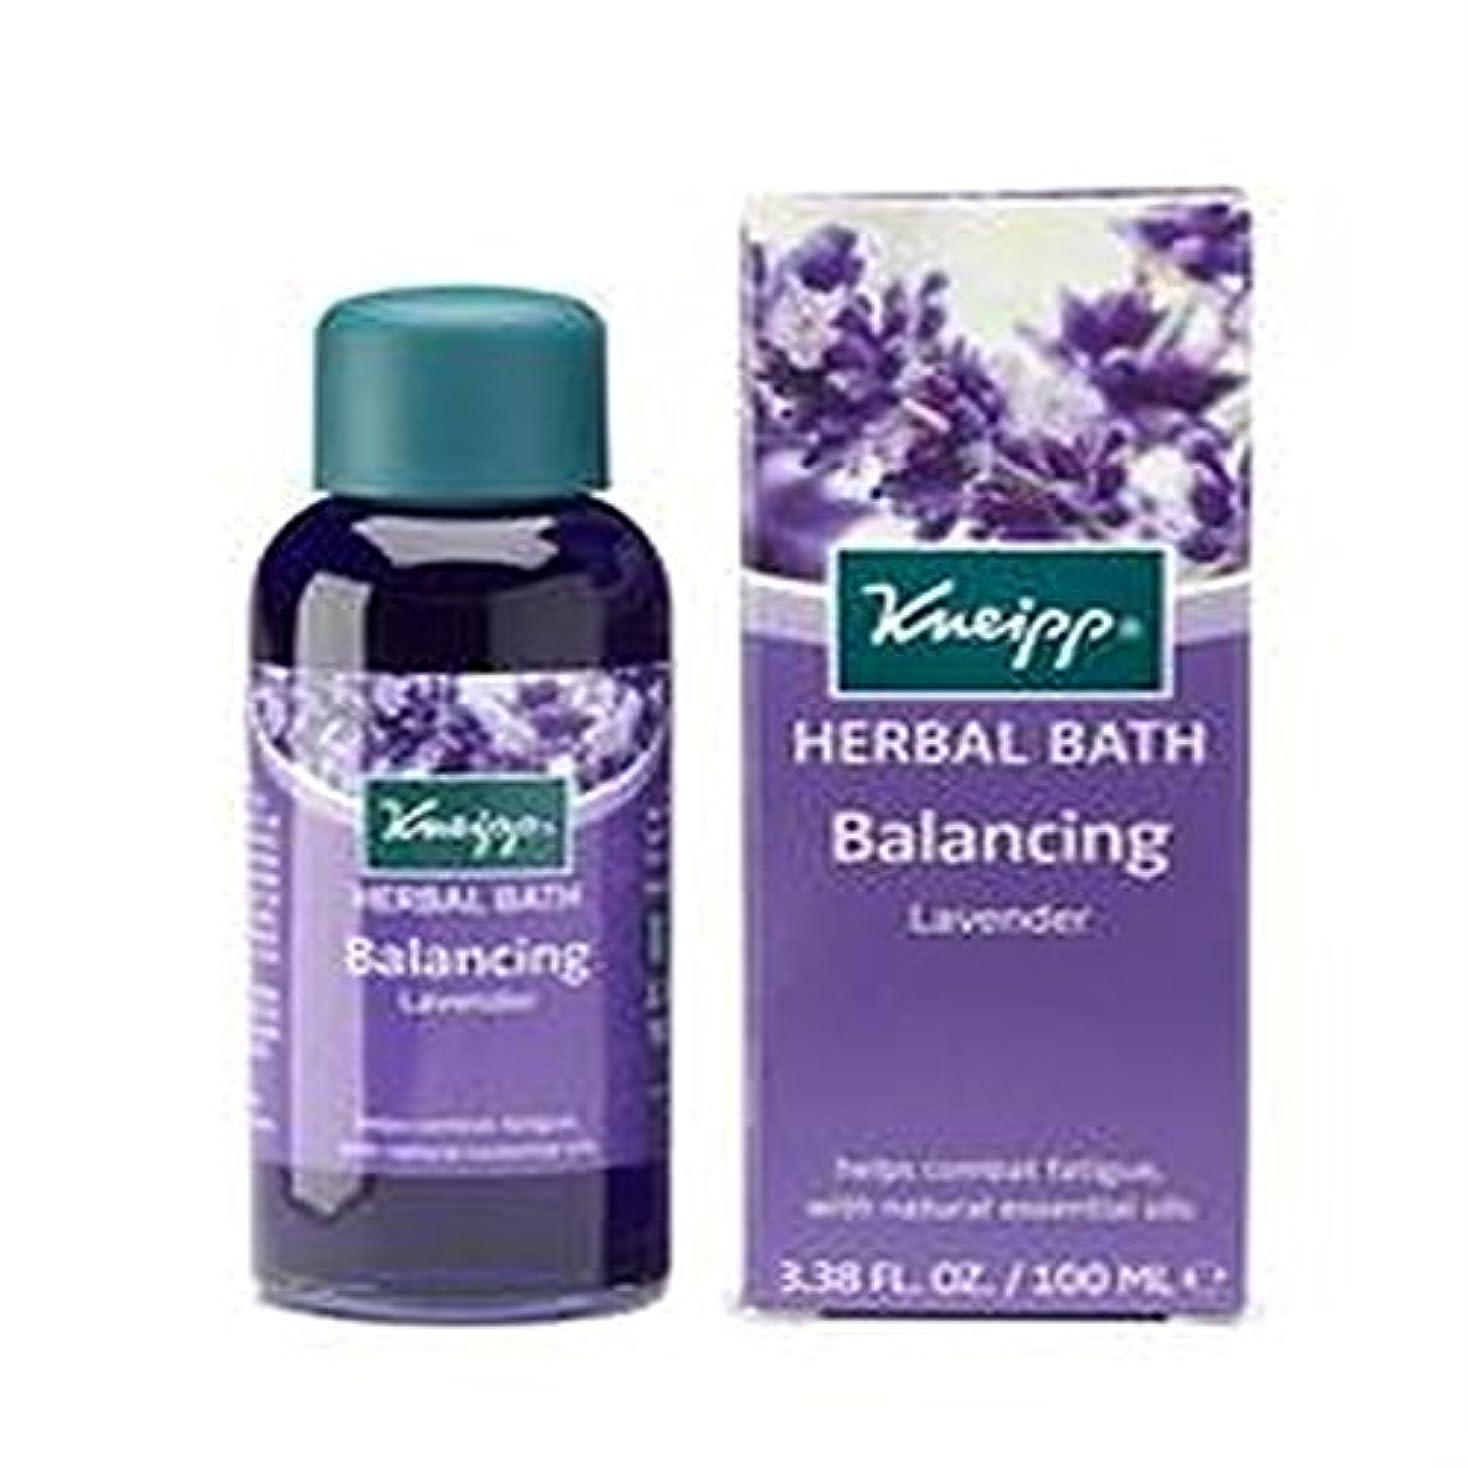 細い比べる便益Kneipp Balancing Lavender Herbal Bath - 3.38 Oz. (並行輸入品) [並行輸入品]